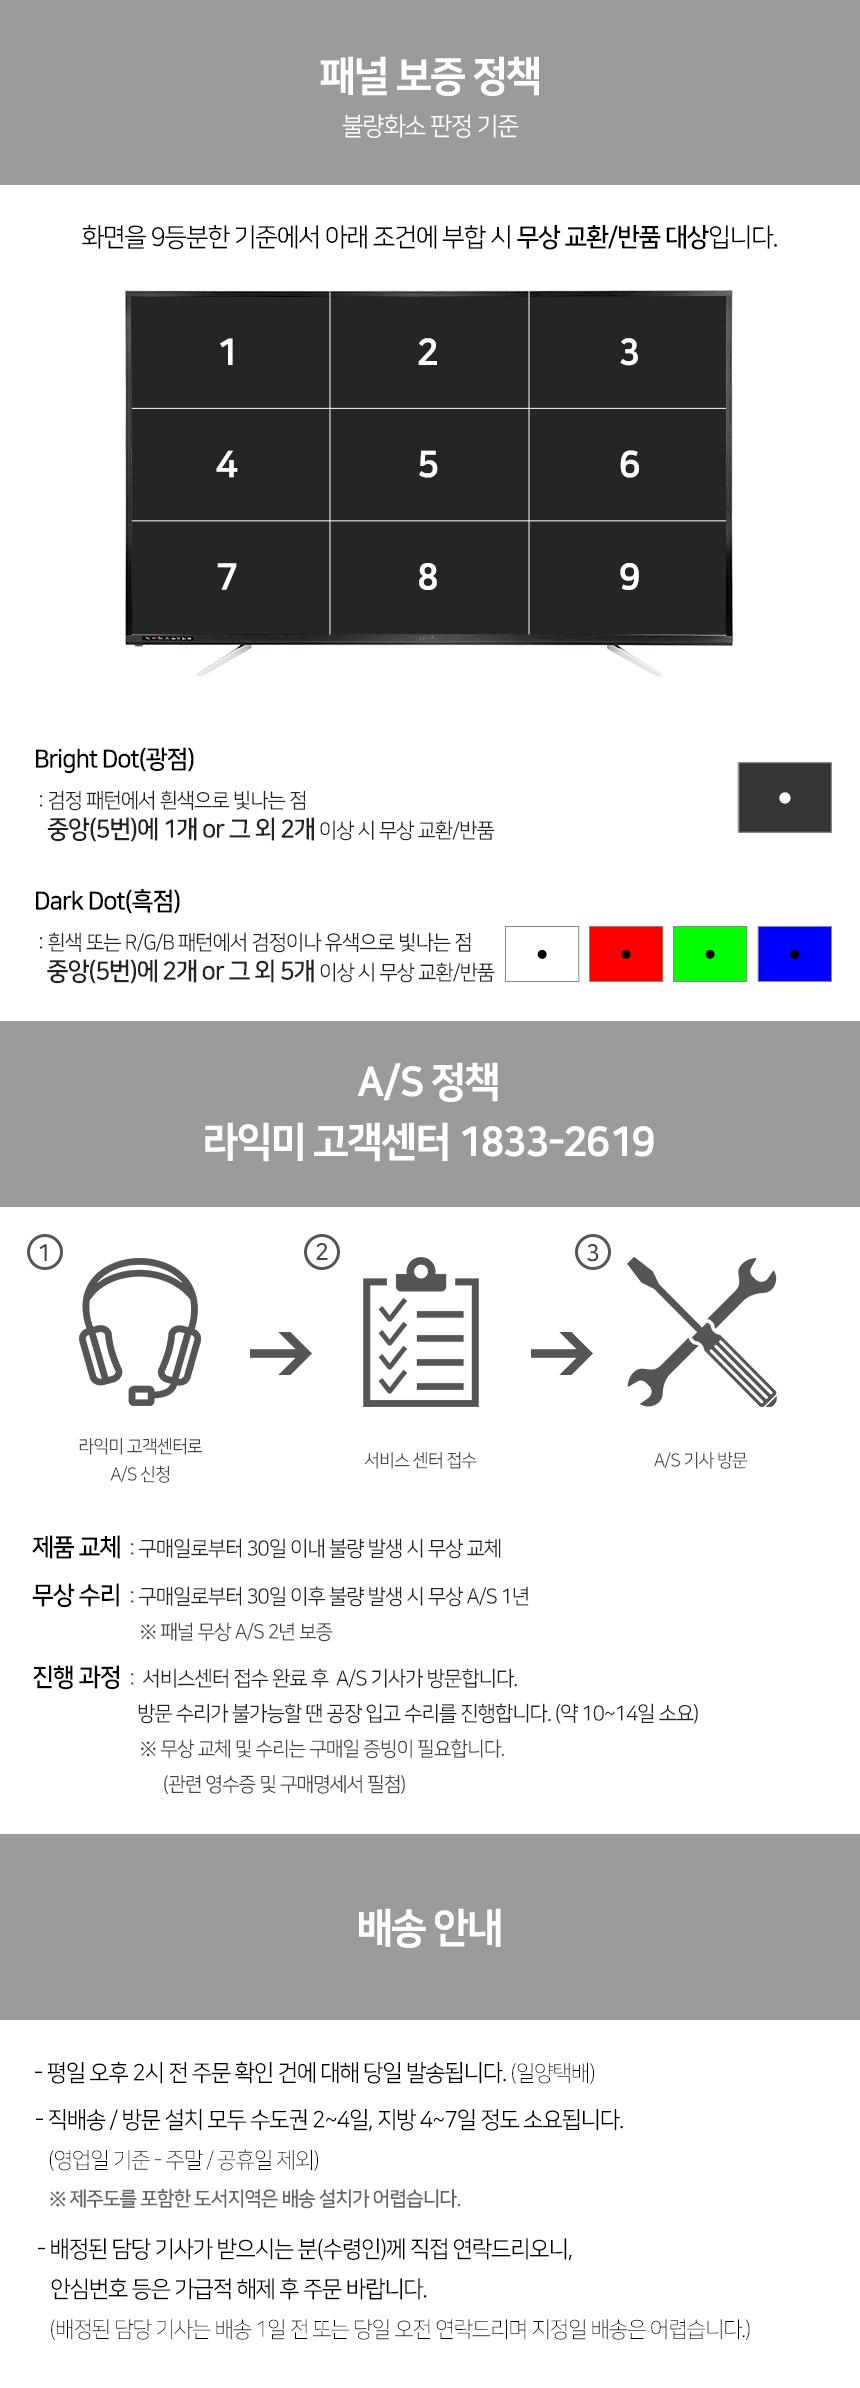 라익미 울트라 D8601L UHD 4K HDR (스탠드)